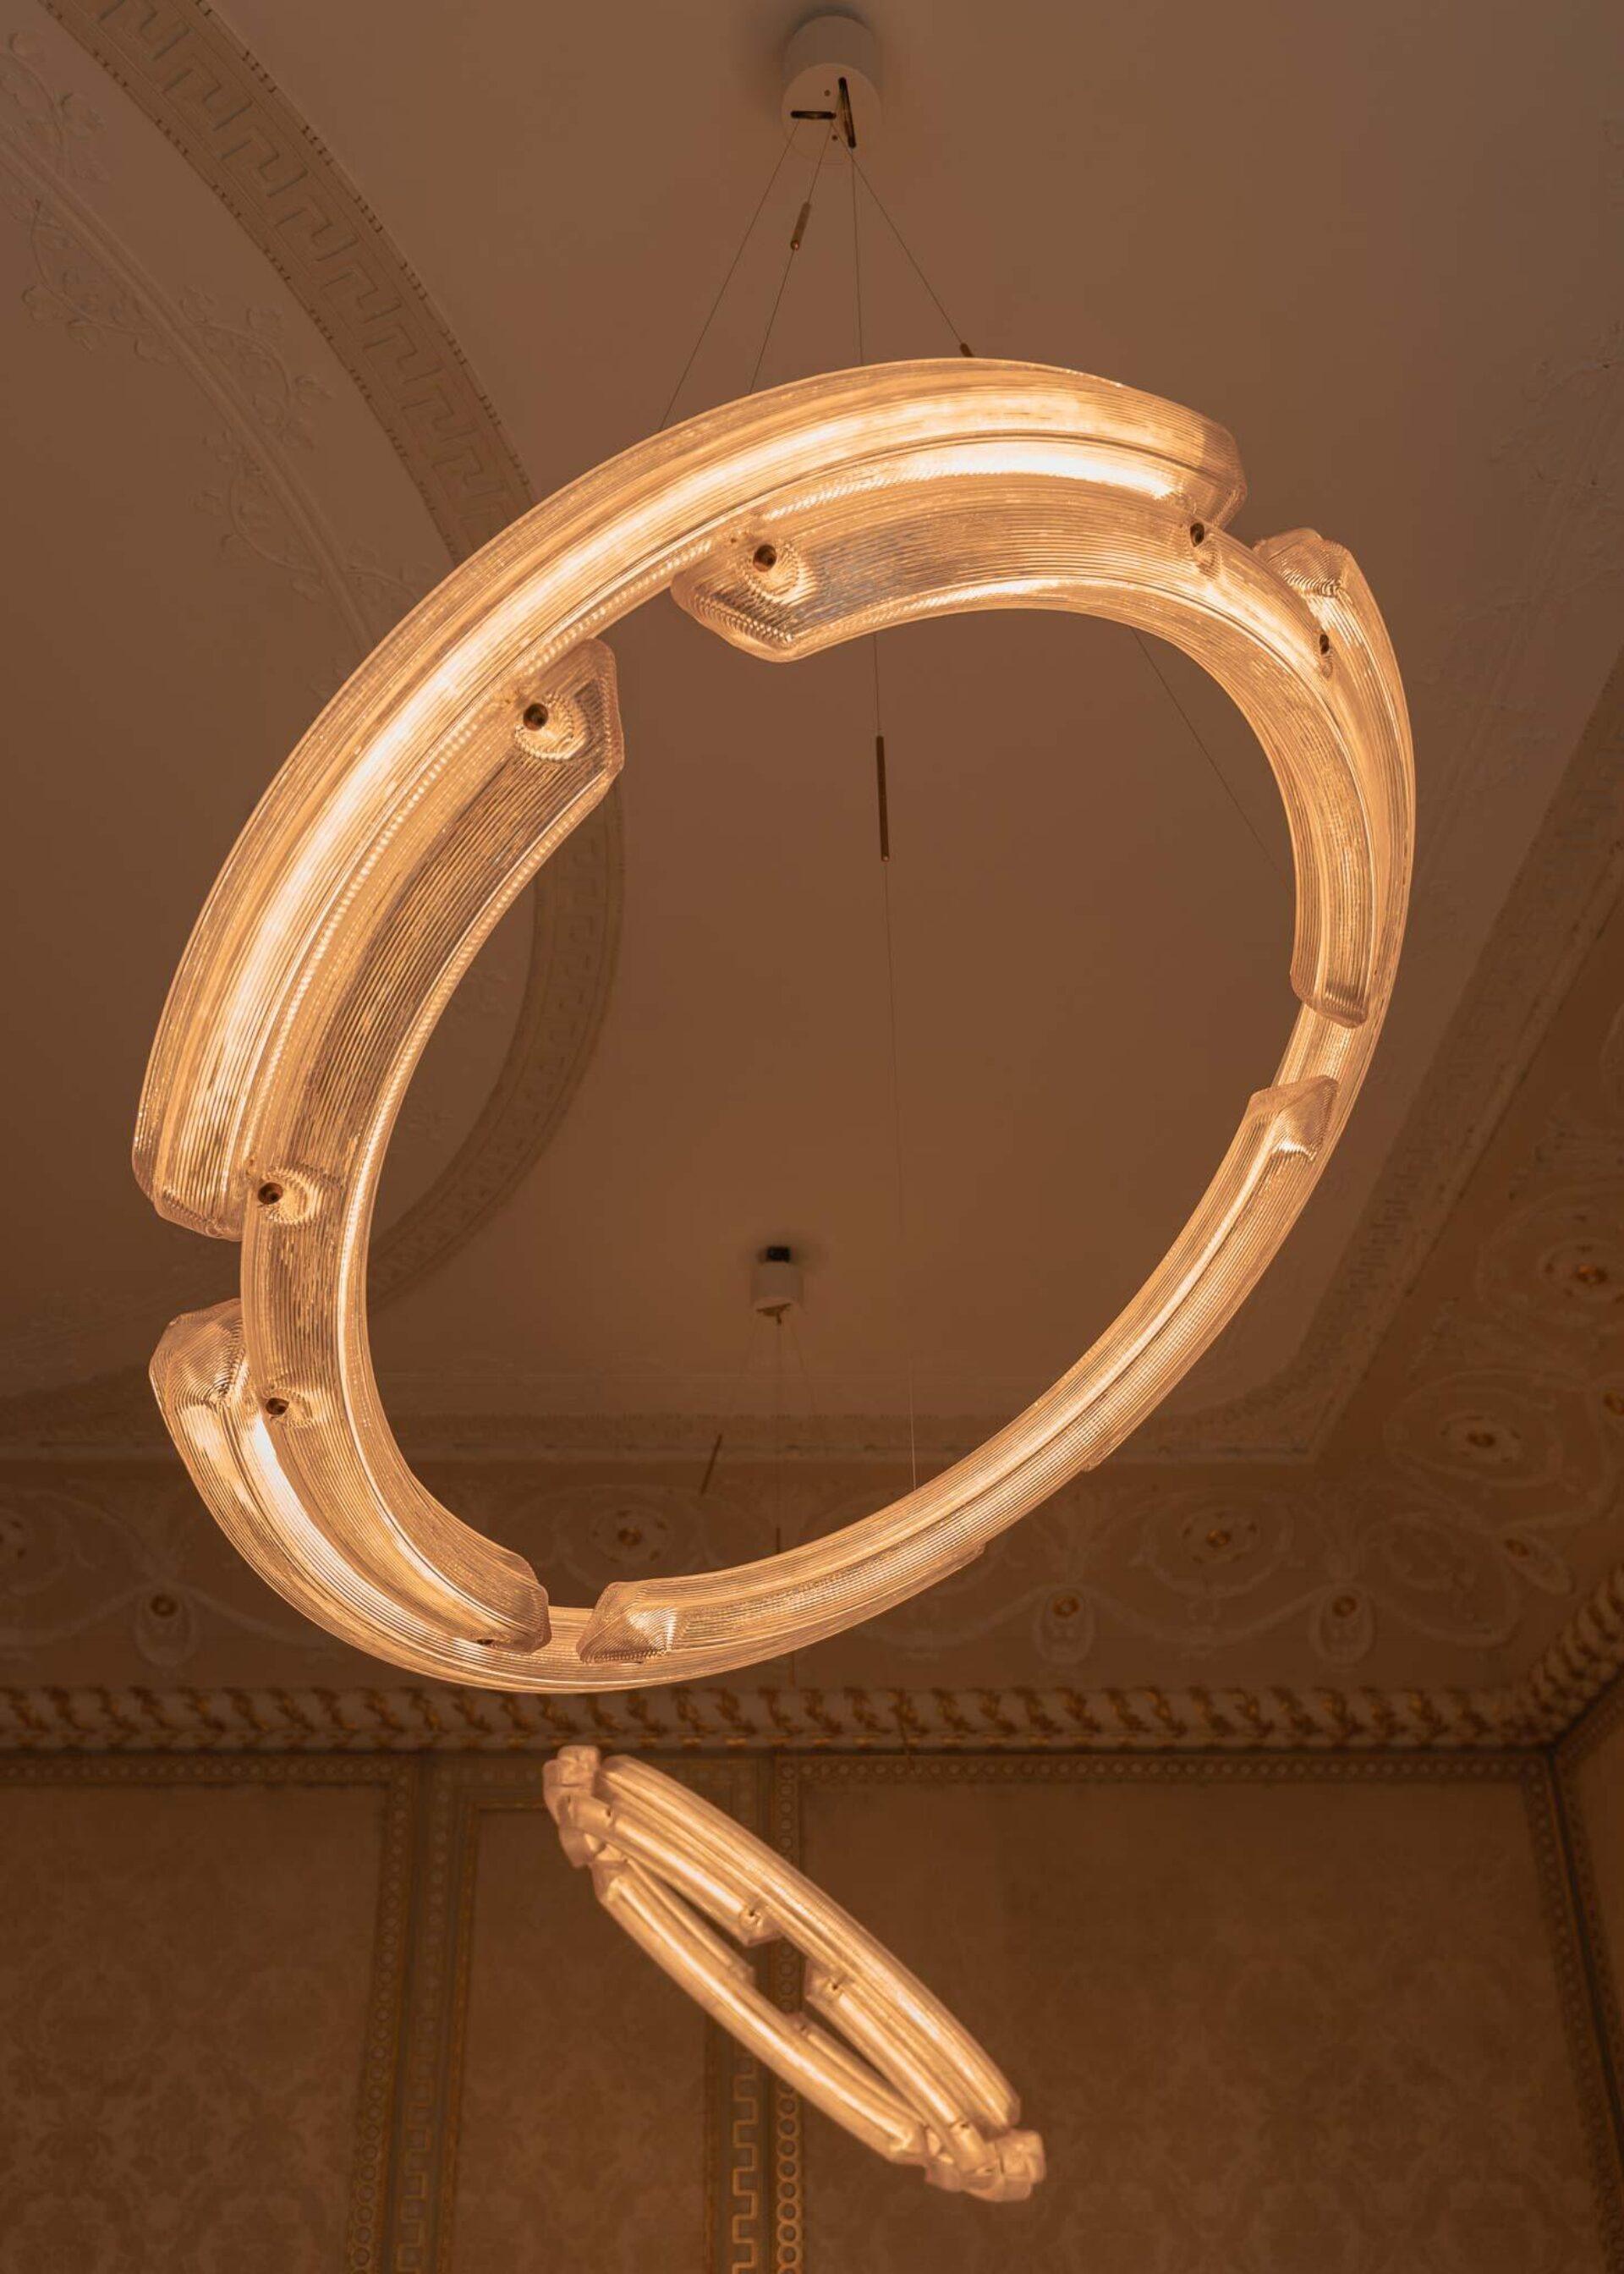 Kooij buitenhuis chandelier duo installed recycled plastic lighting